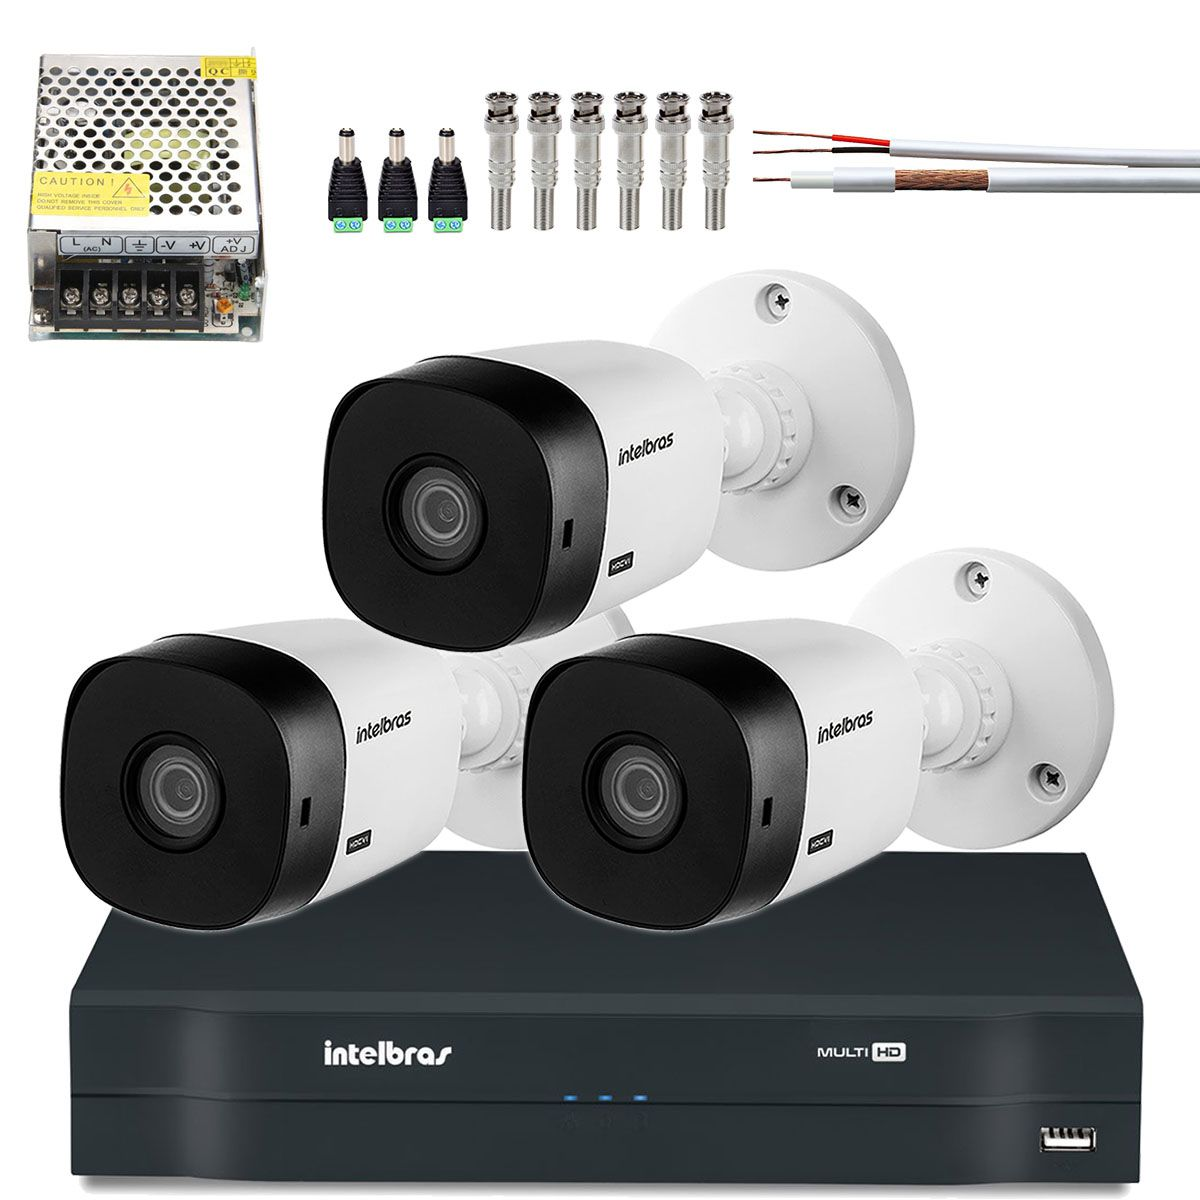 Kit 3 Cameras Bullet Intelbras Hd 720p Hdcvi Vhl 1120 B